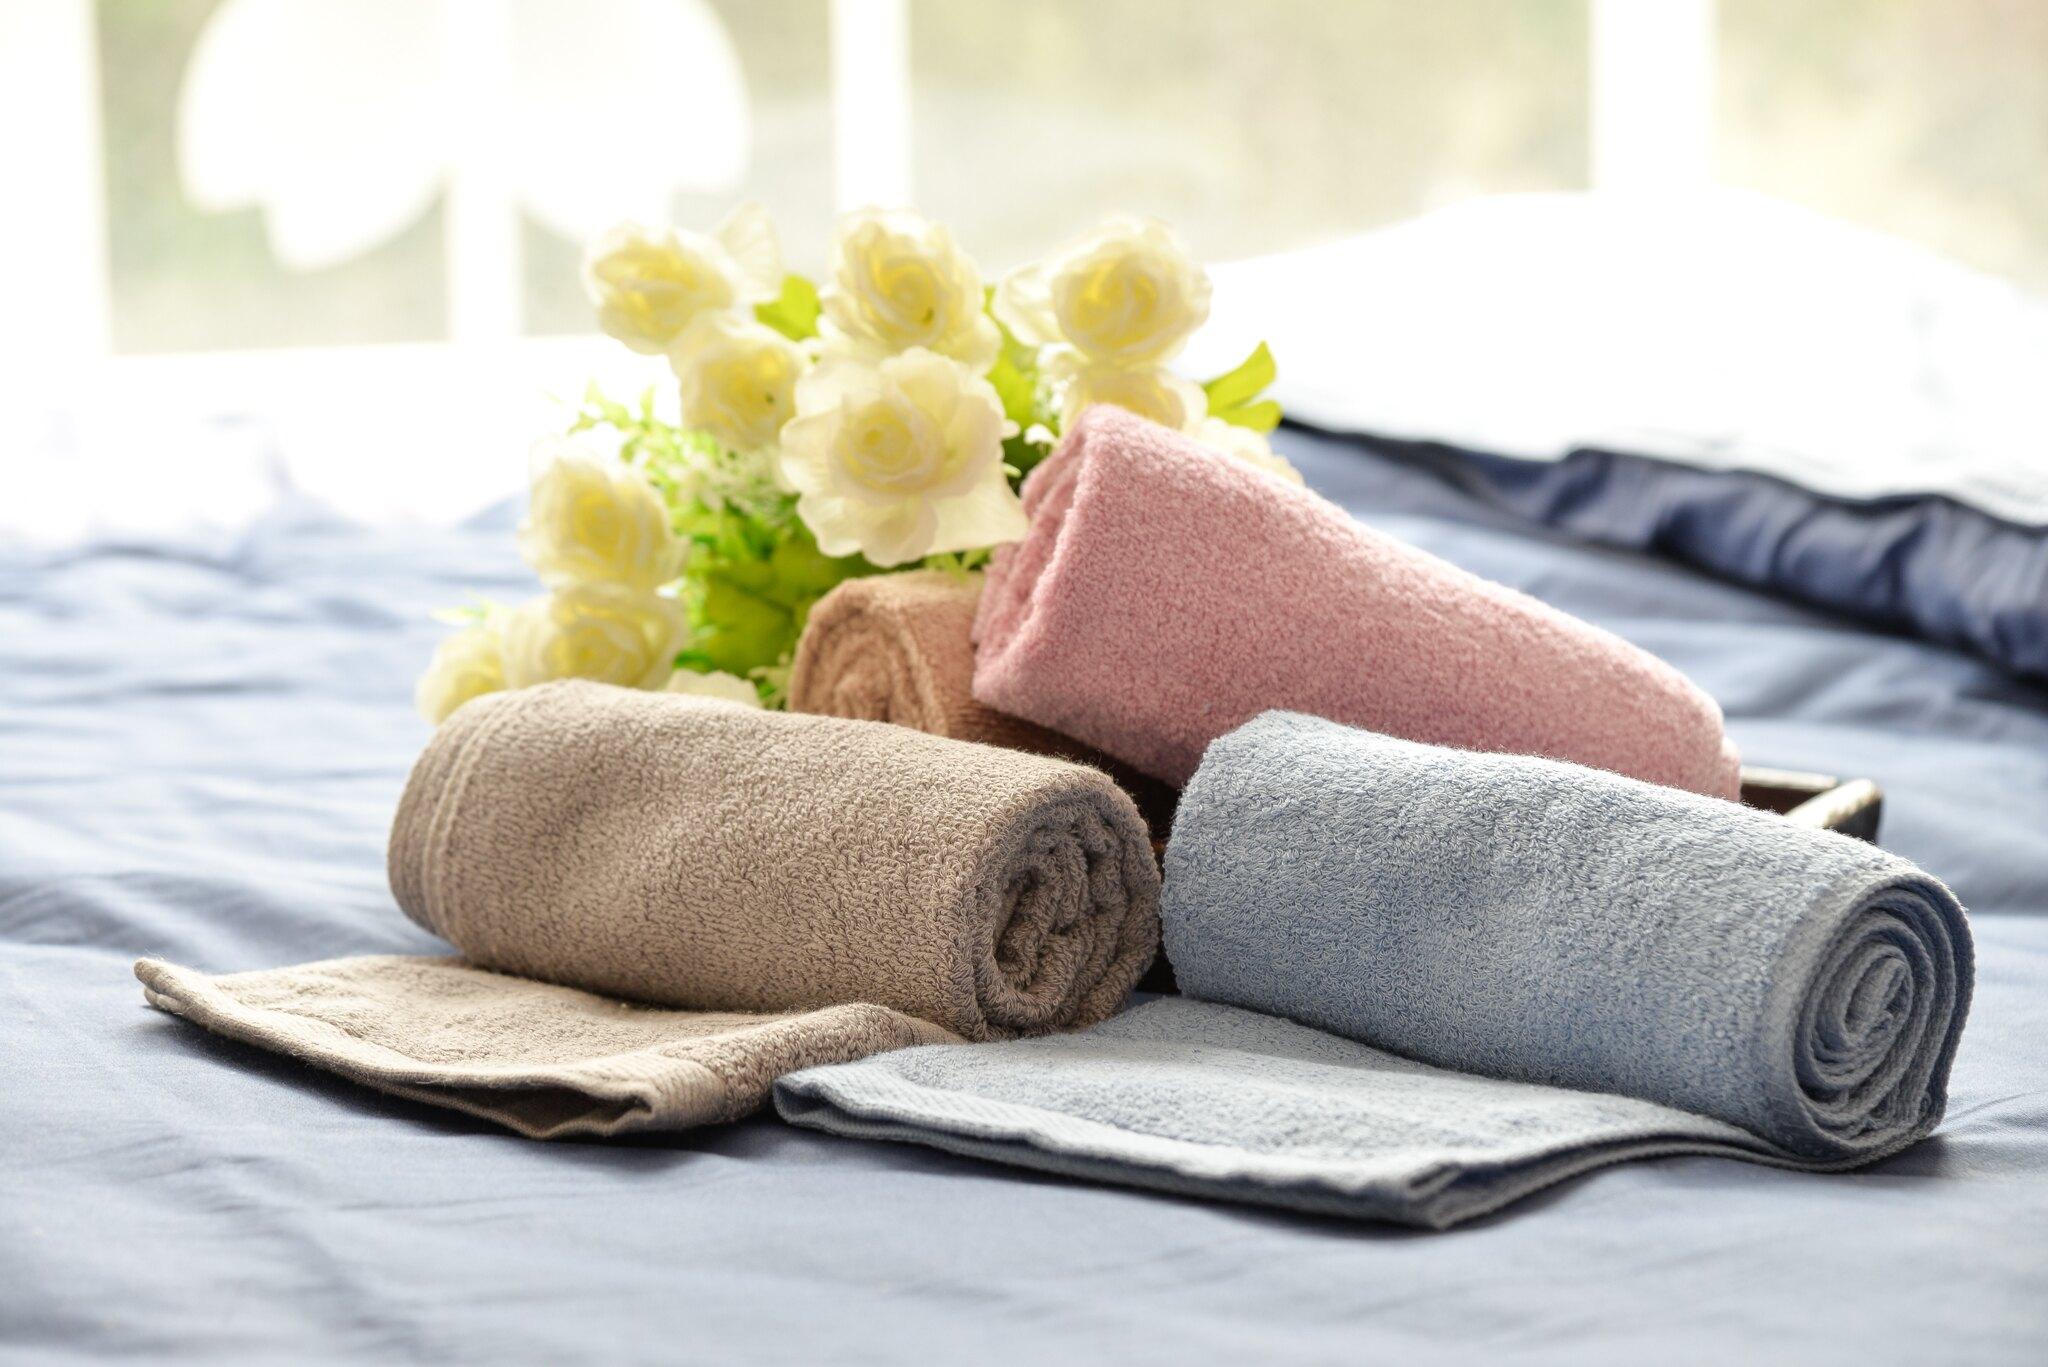 歐風素色毛巾 浴巾 100%純棉 台灣製造 緹朵拉生活館 76*33公分 線圈綿密吸水